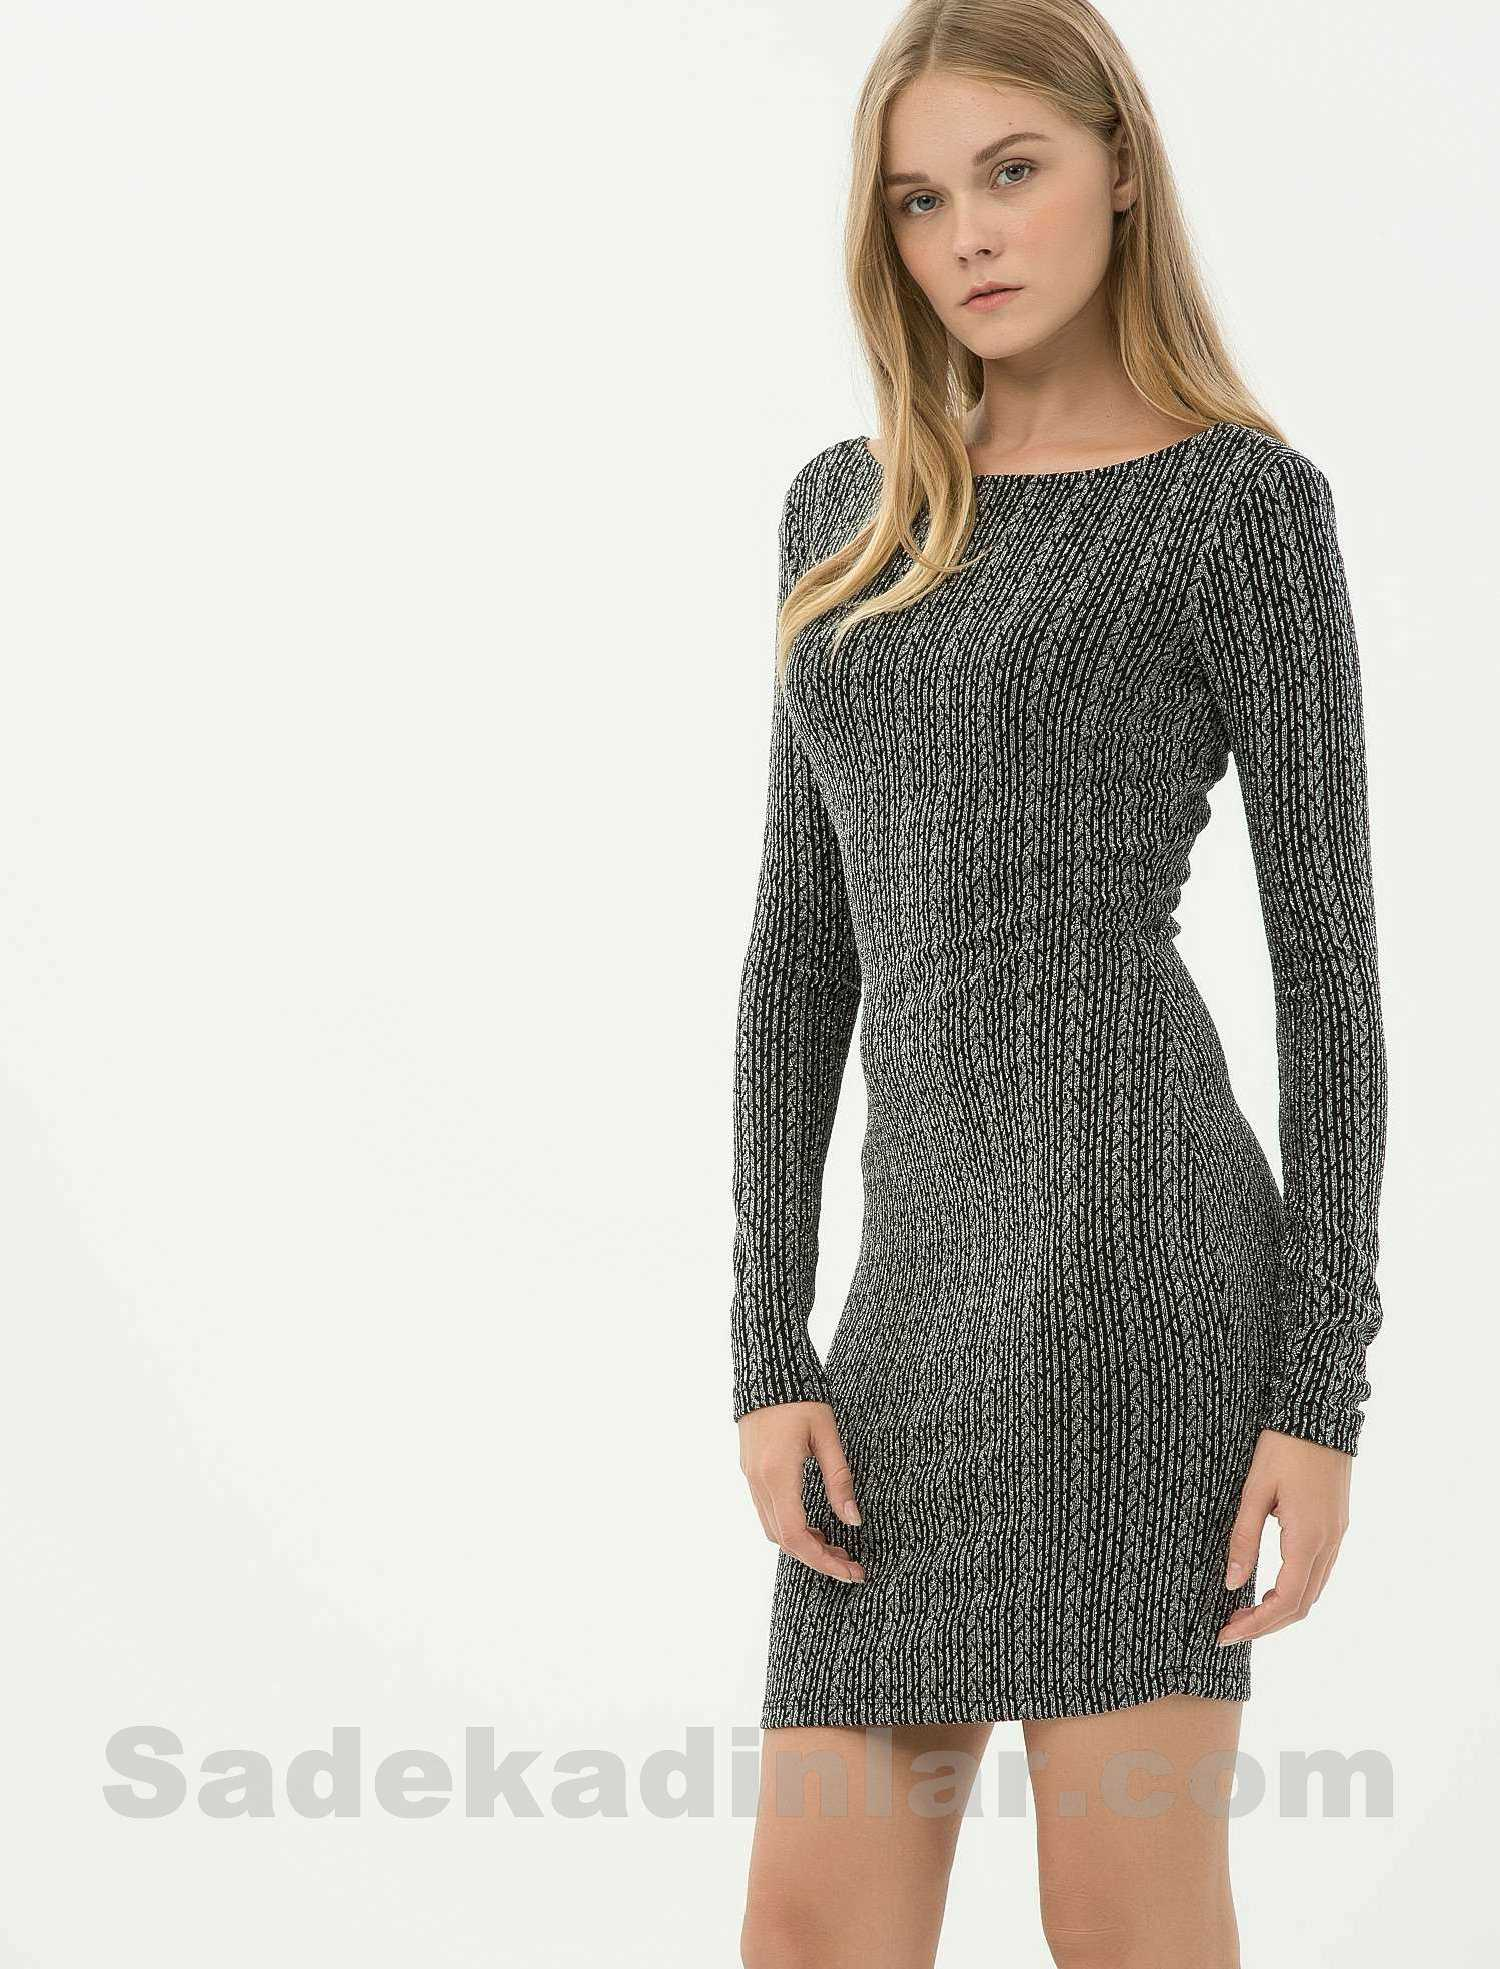 740b2386f8b14 Koton Elbise - Kayık Yaka Uzun Kollu Gümüş Renk Elbise Modelleri ...